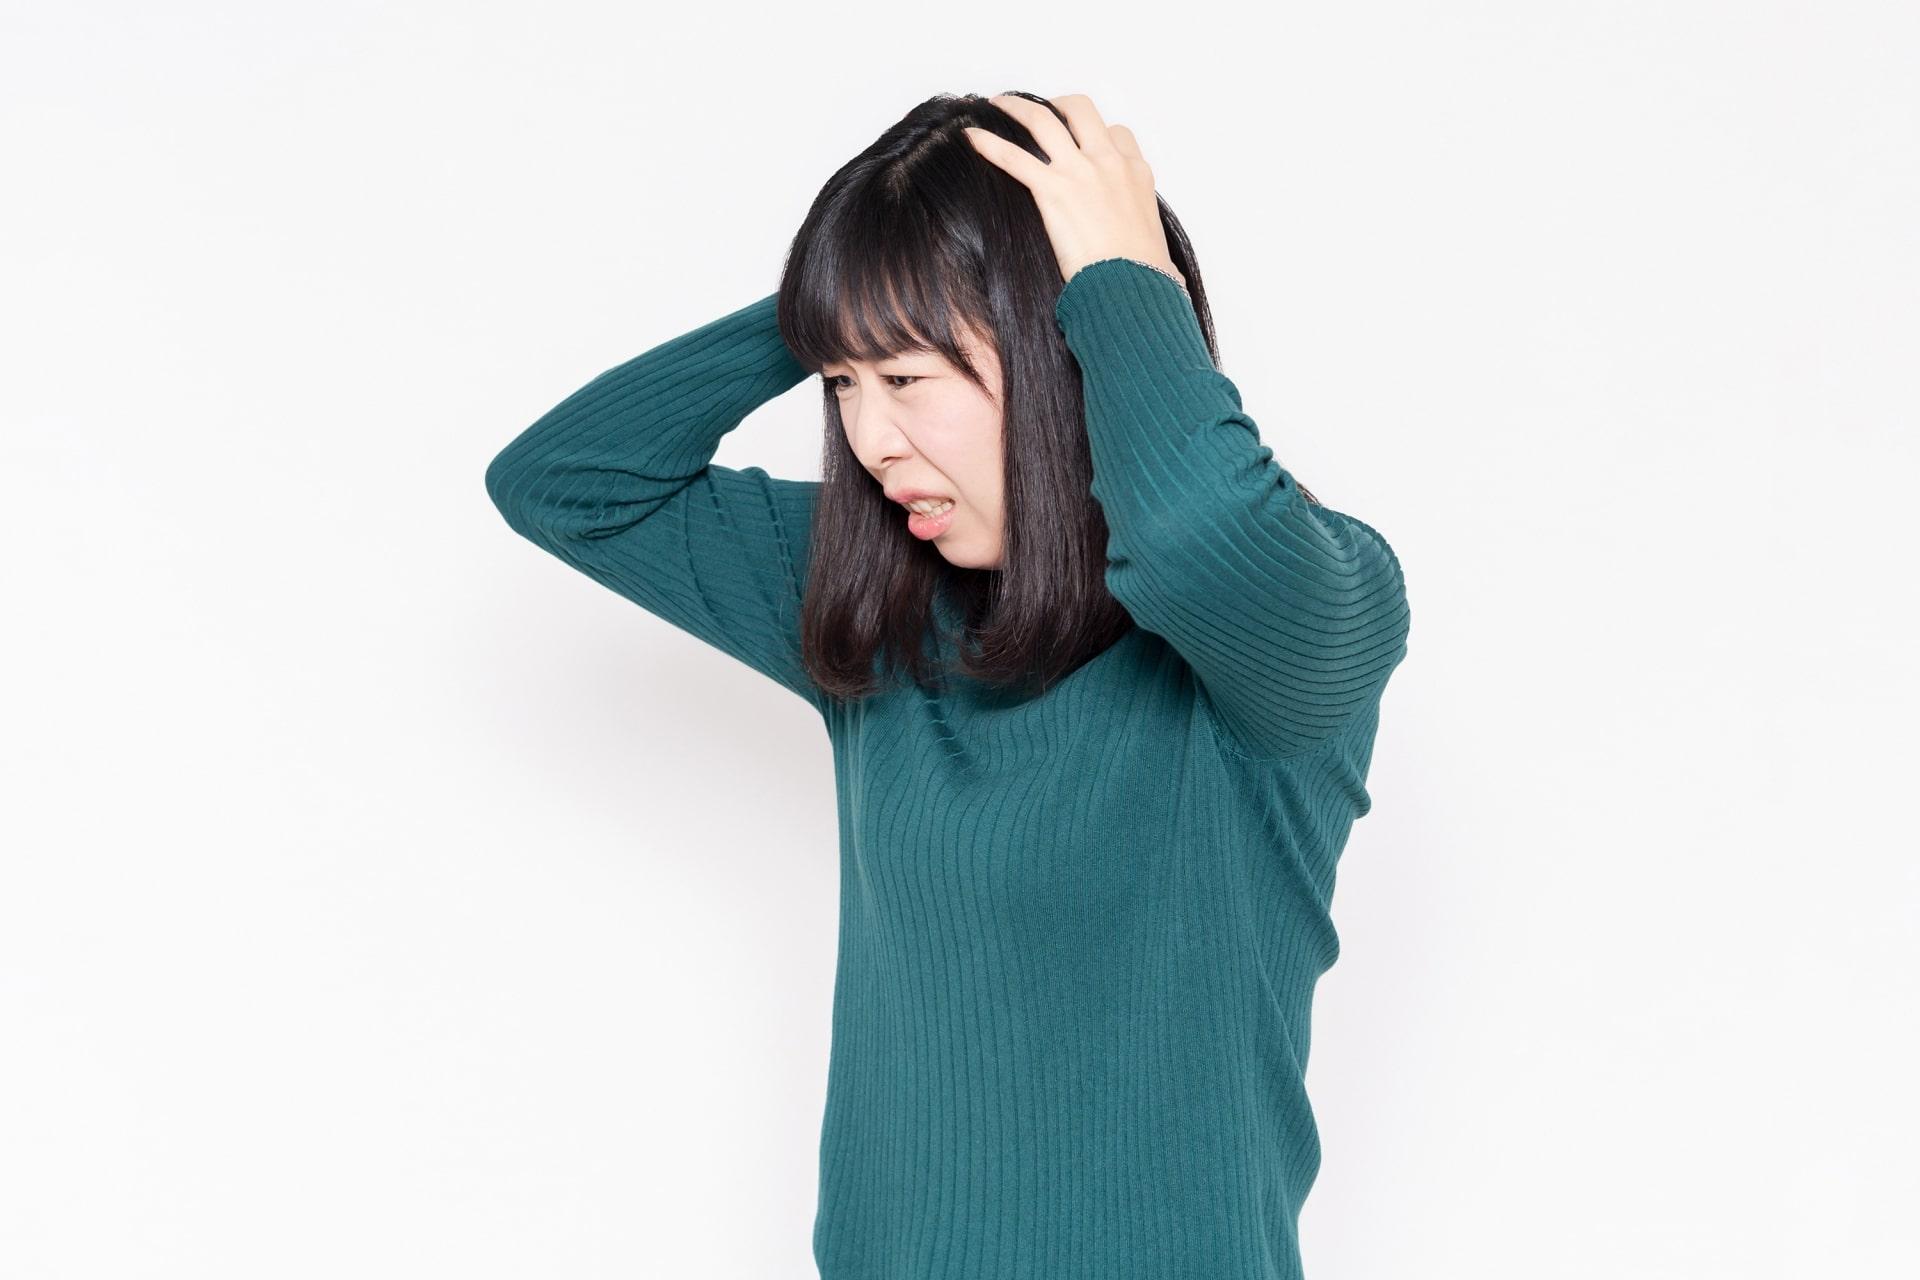 頭をかかえる女性の画像